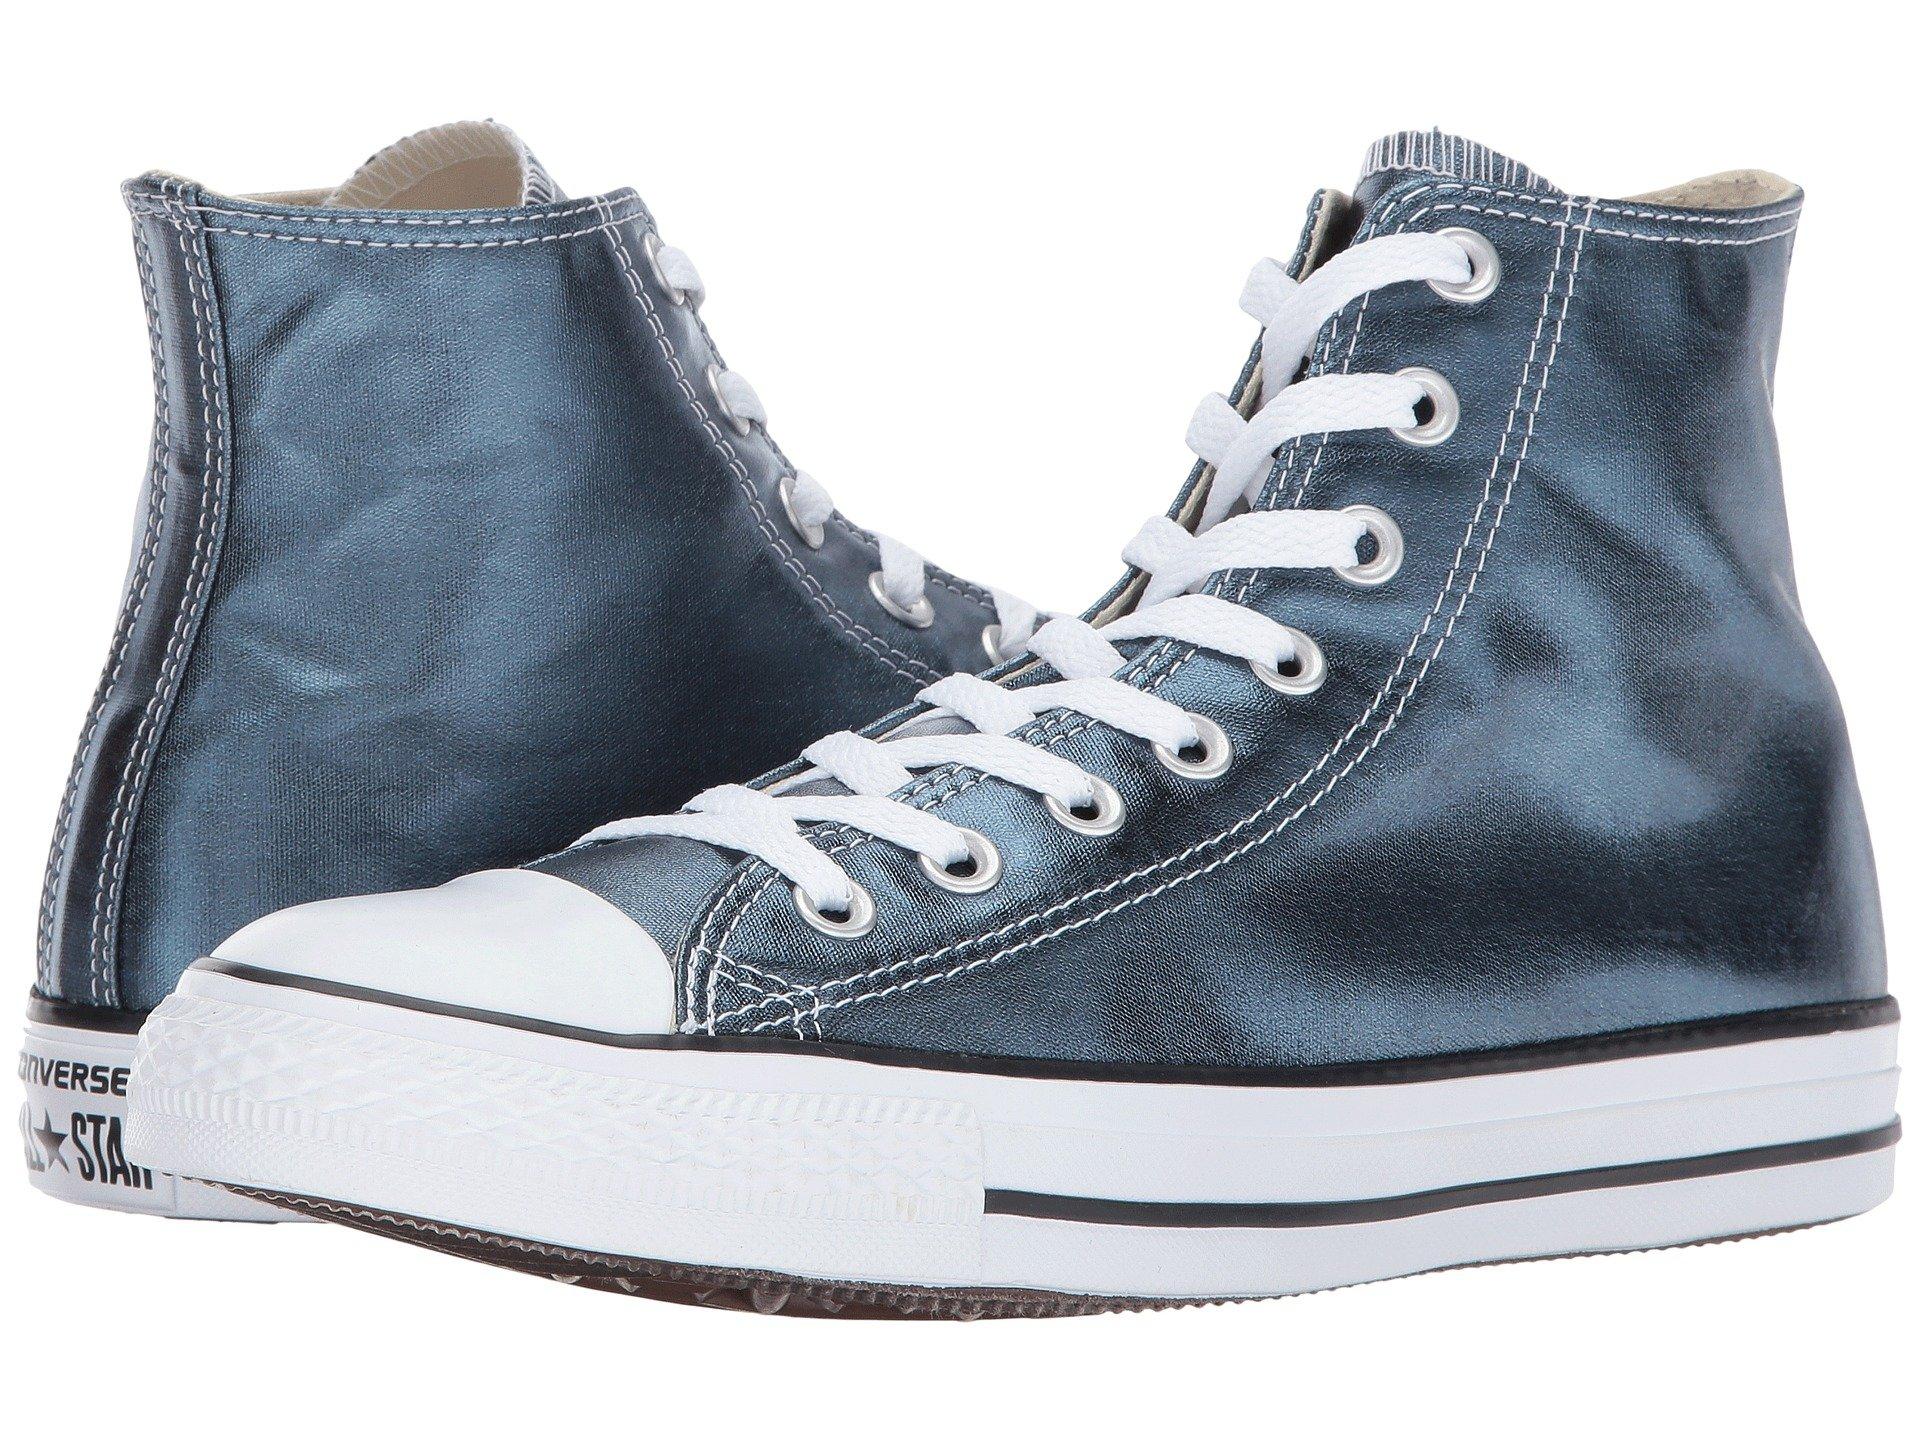 CONVERSE Chuck Taylor All Star - Hi Metallic Canvas, Blue Fir/White/Black